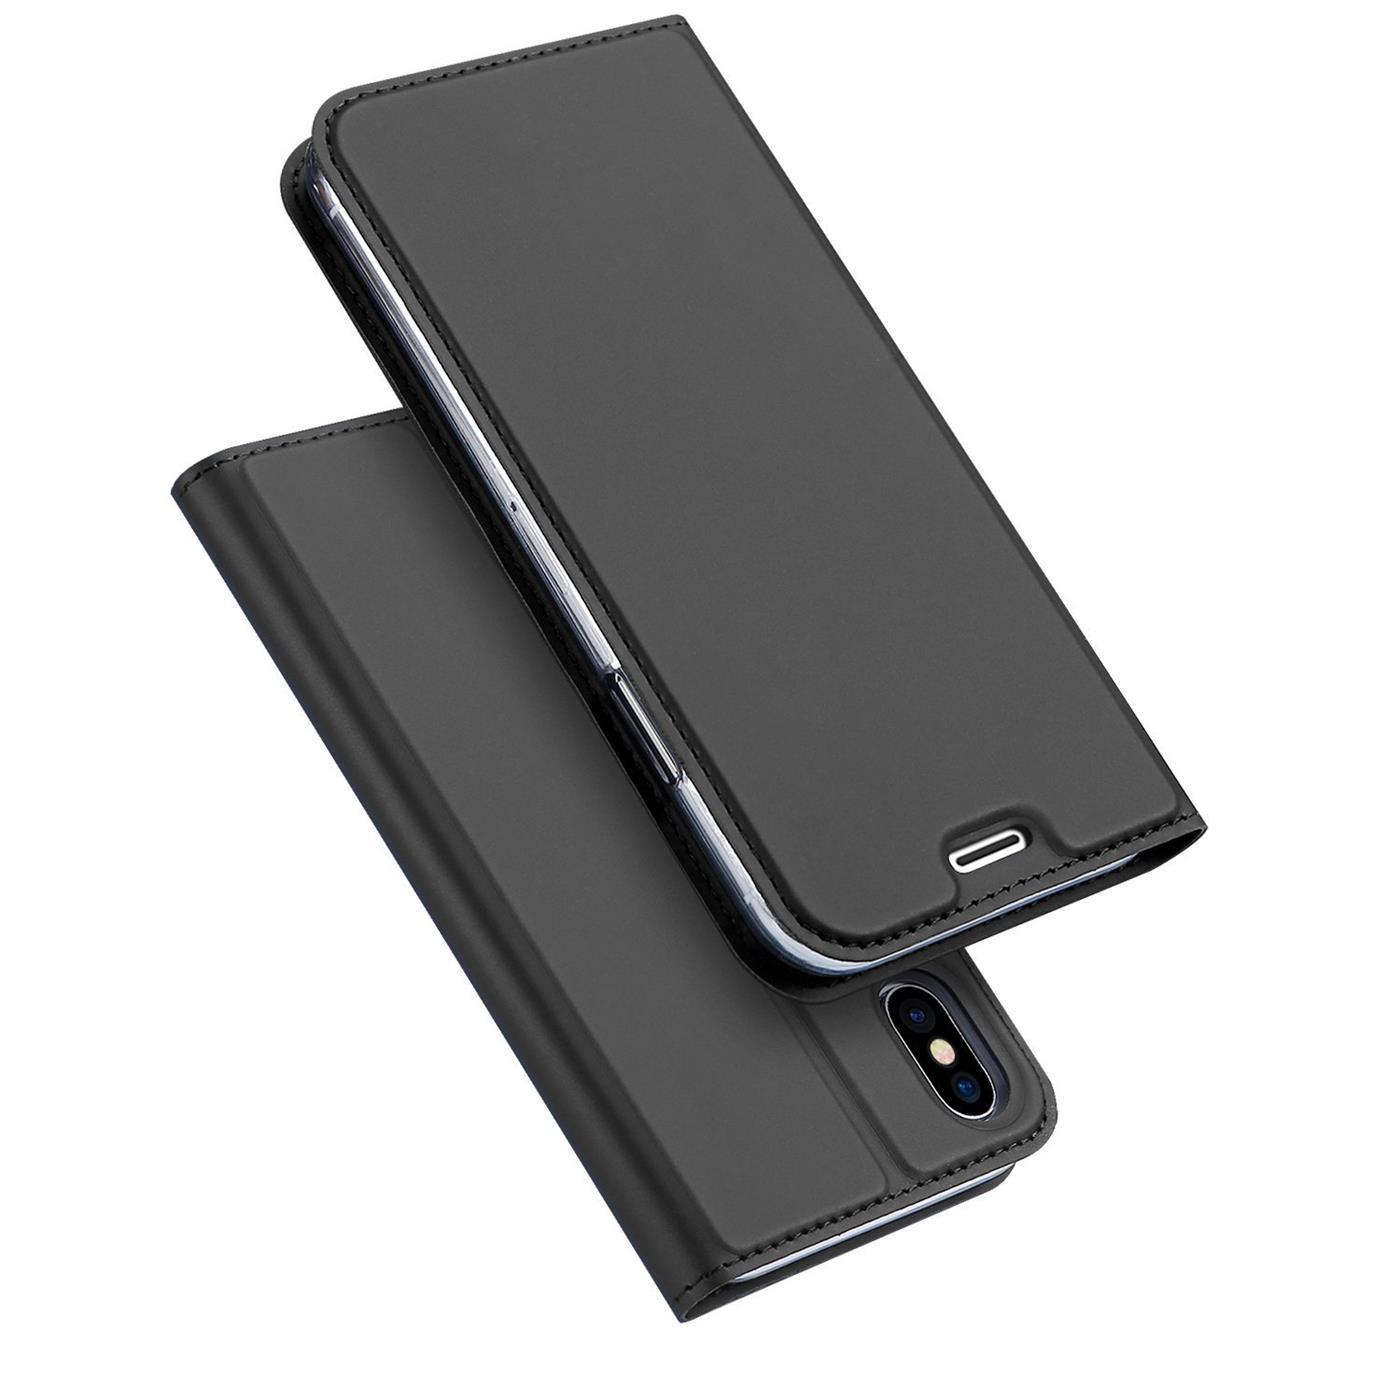 Handyhuelle-Klapp-Tasche-Etui-Schutz-Huelle-Slim-Flip-Cover-Book-Bag-Case-Wallet Indexbild 12